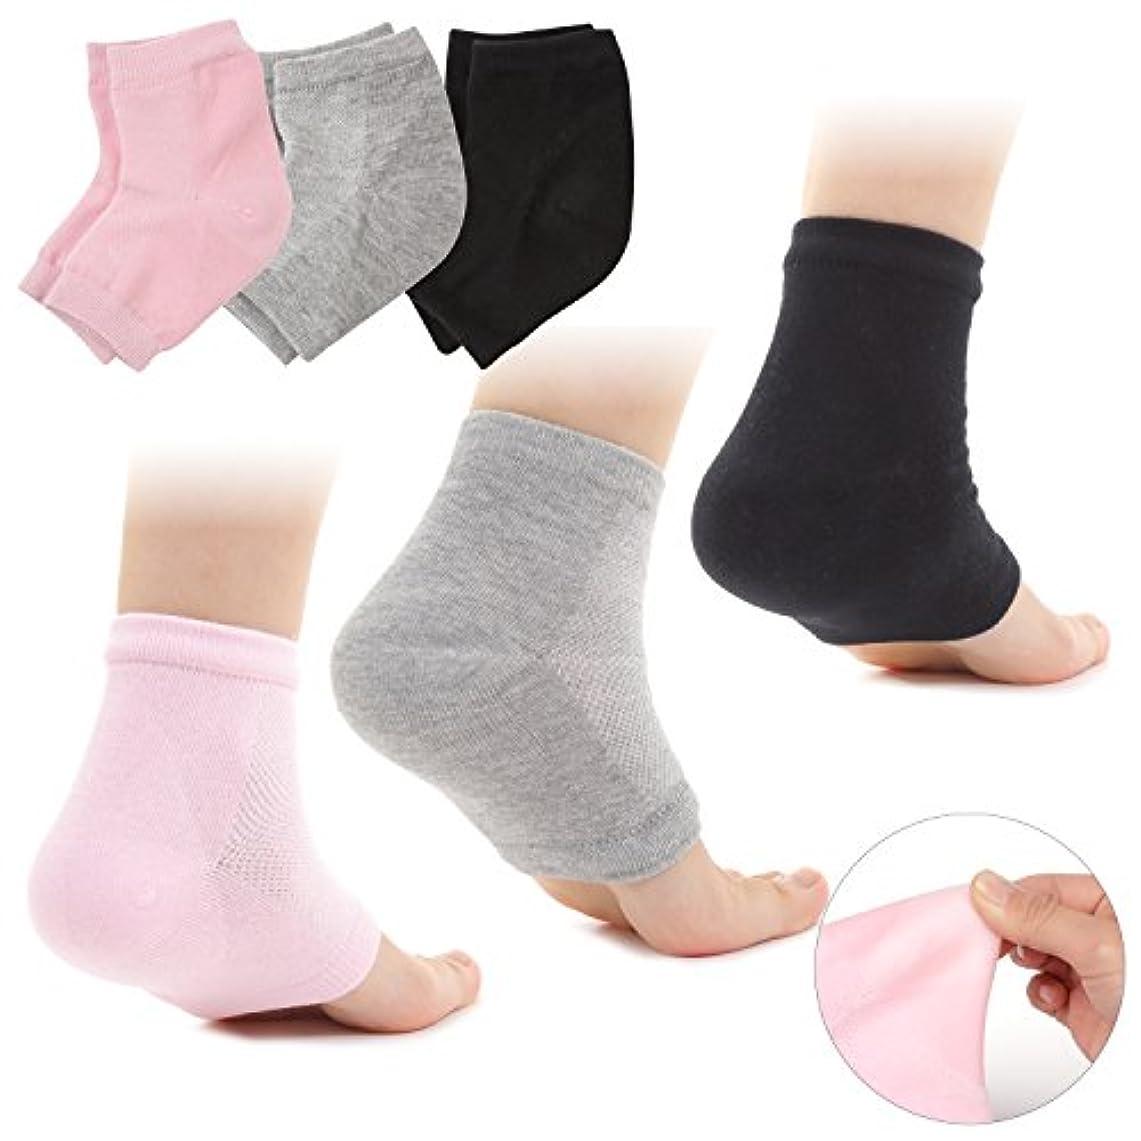 スチールタイプライターご覧くださいMuiles かかと 靴下 ソックス 角質取り 保湿 ひび割れ かかとケア レディース メンズ 男女兼用 【1足~3足セット】 (3足セット ピンク、グレー、ブラック)